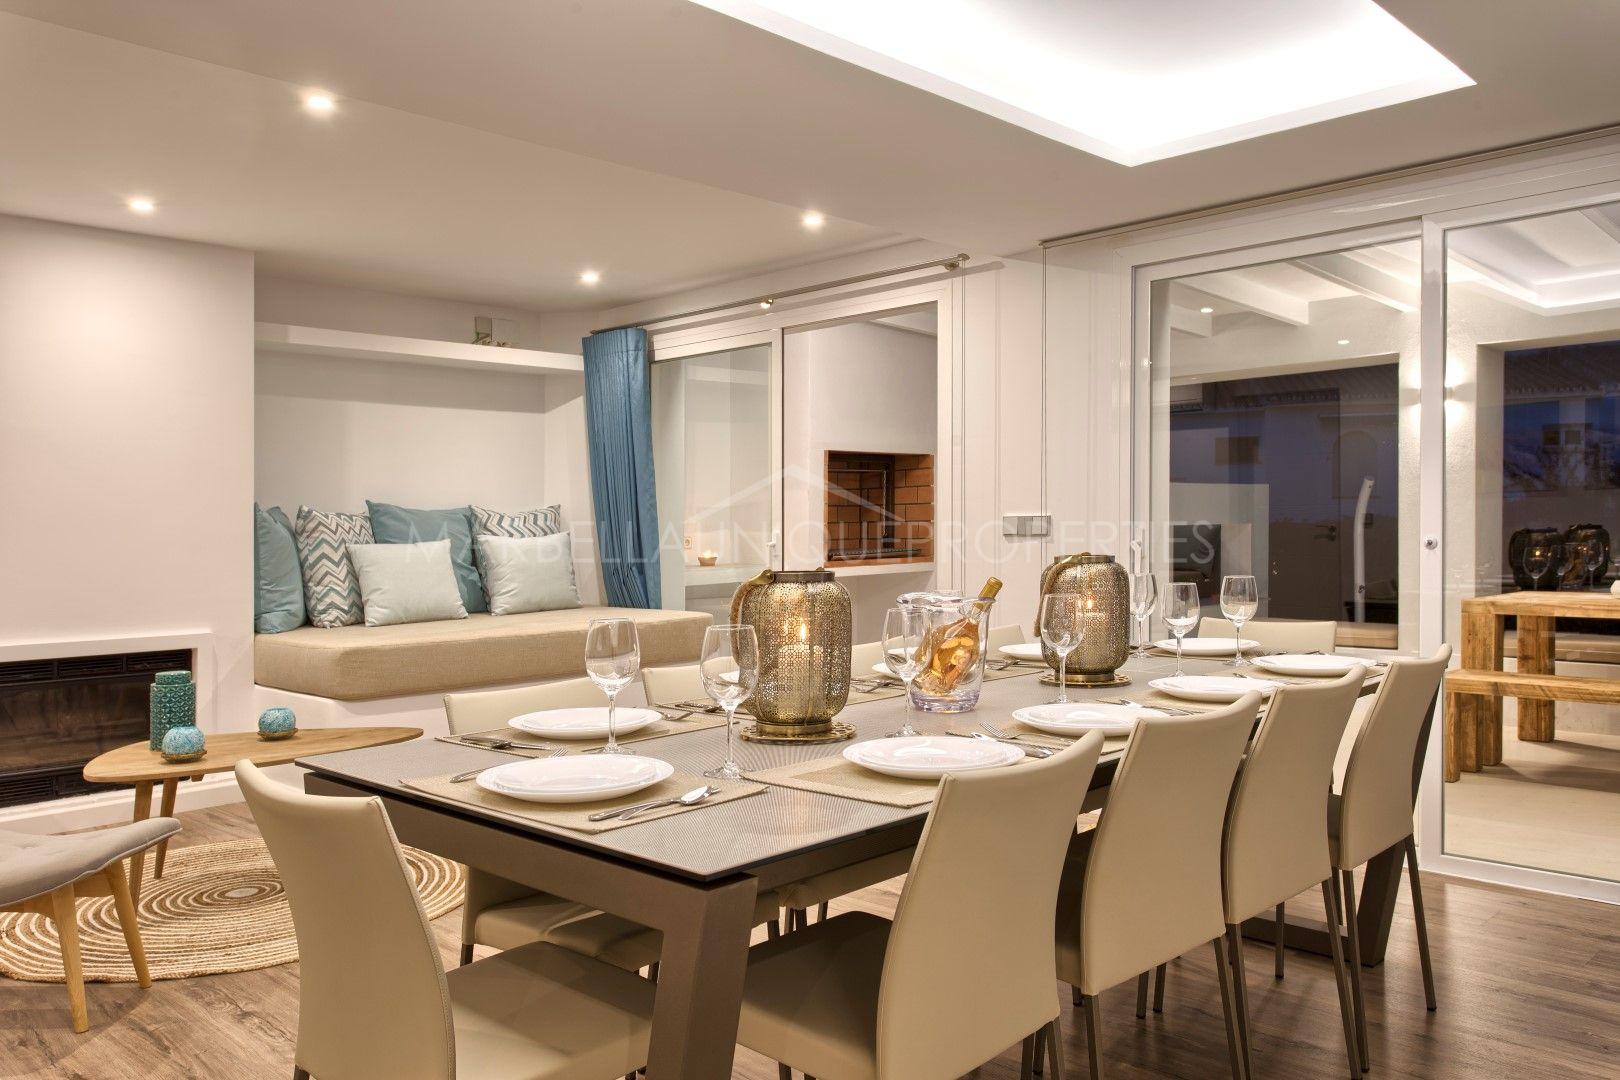 Villa a estrenar de 5 dormitorios en nueva andalucia - La sala nueva andalucia ...